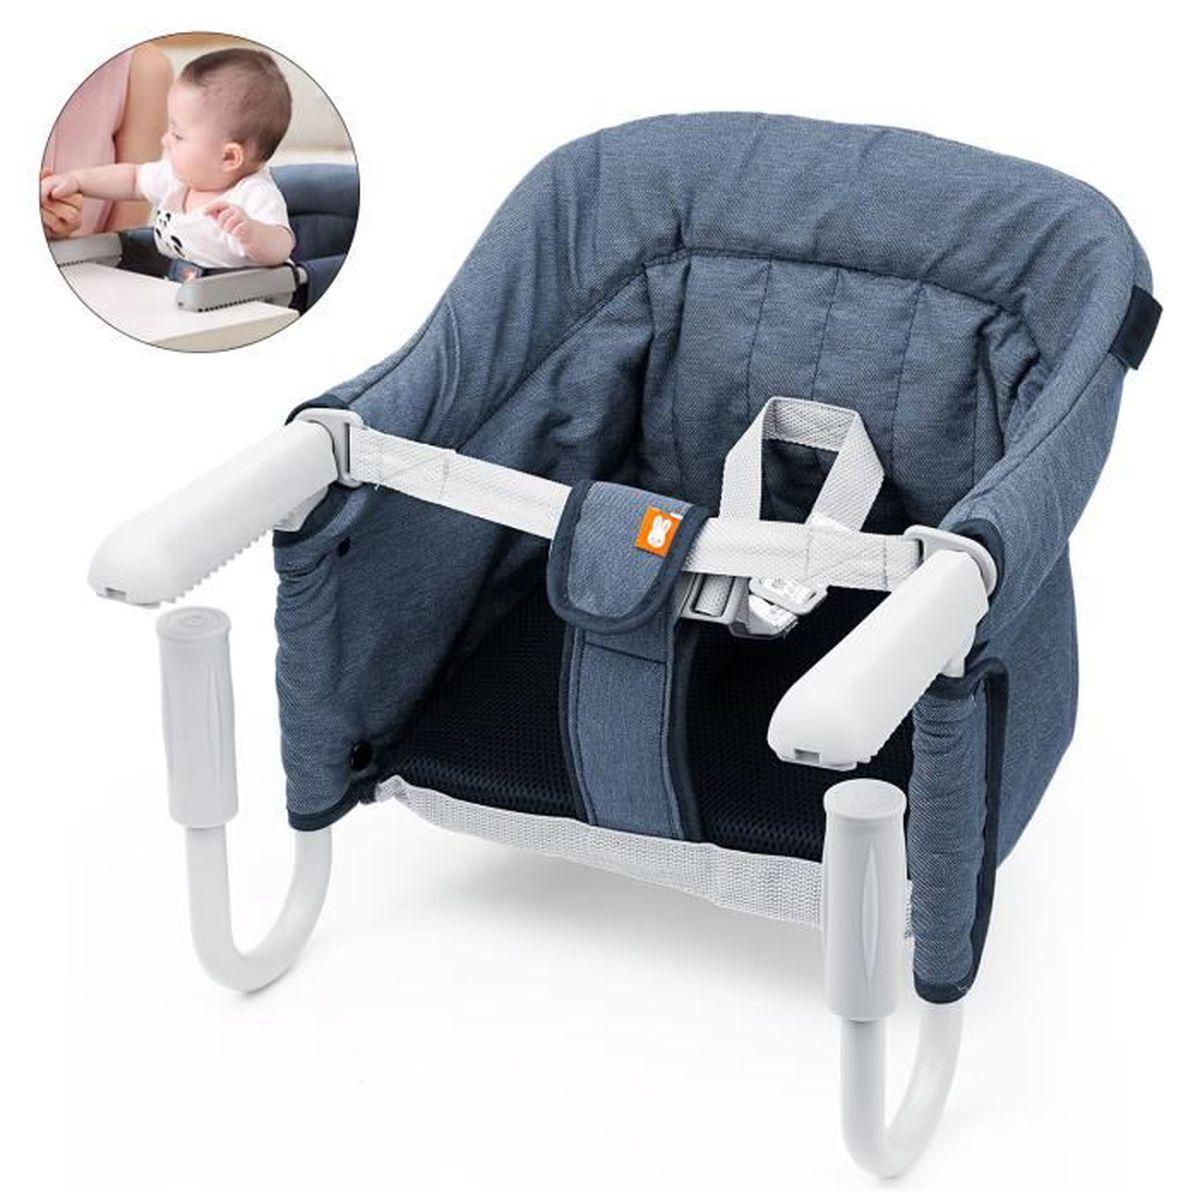 Pliante Bébé Avec Sangle Table Siège Baby Sac Enfant Intérieur Transport Extérieur Haute Pour De Chaise Oywmn0PvN8